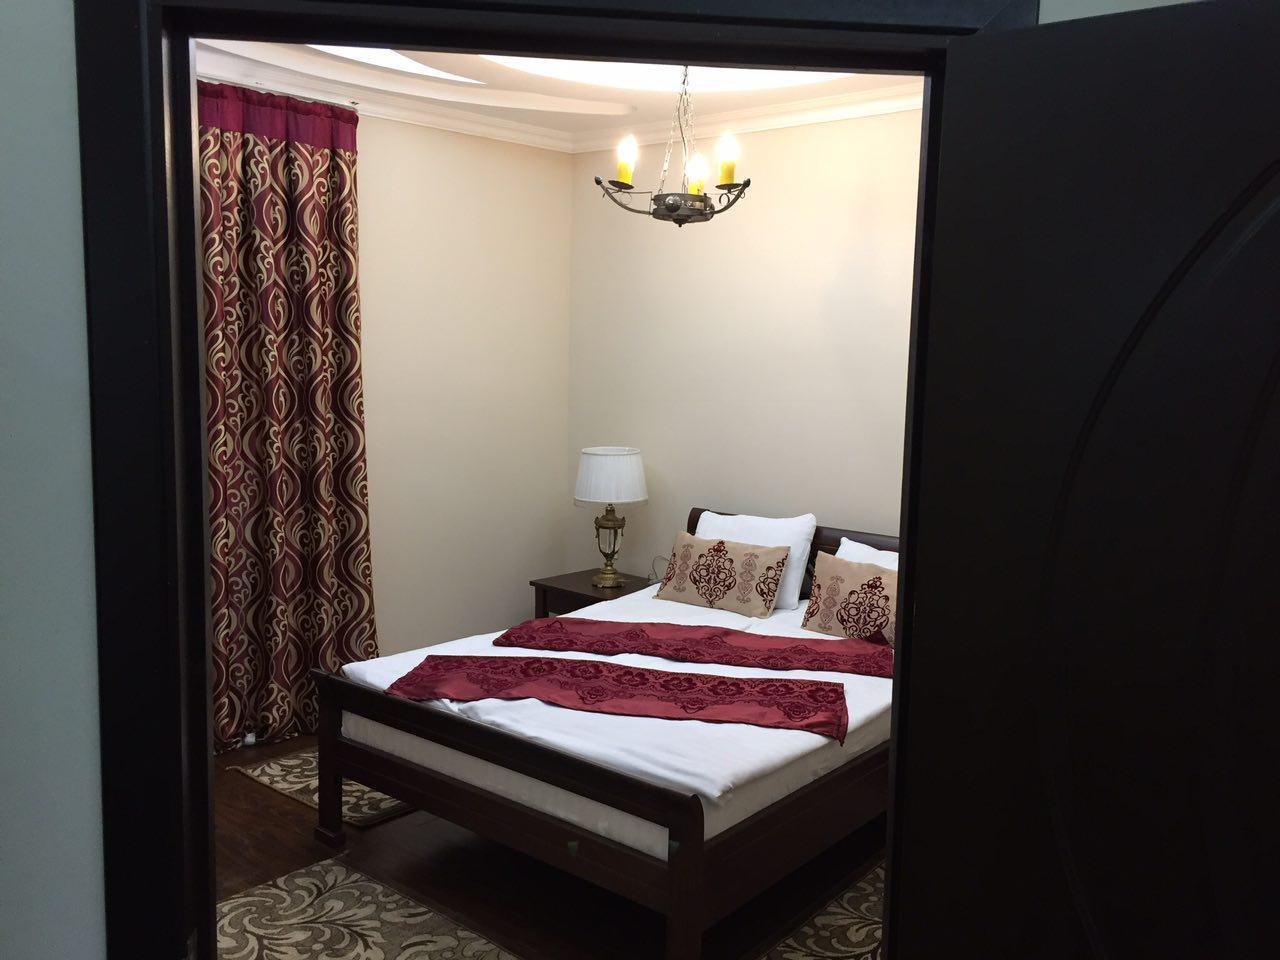 Гостиница Арканчи - SILK TOUR Uzbeksitan